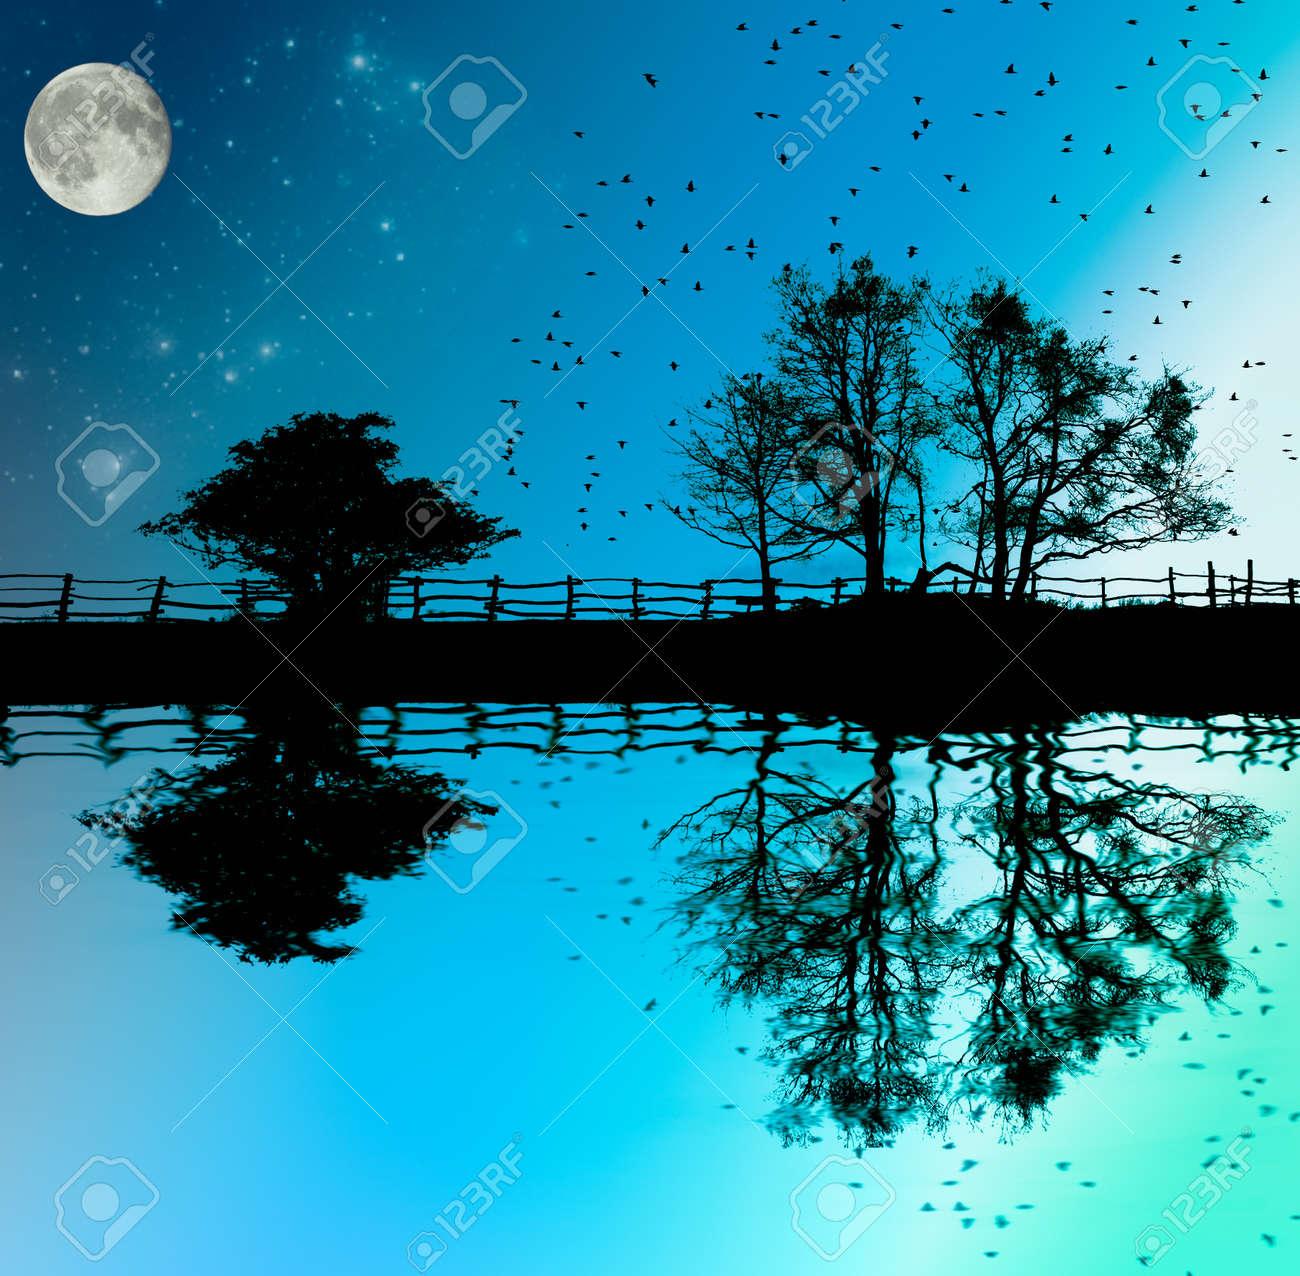 湖、フェンスと、月や星、ファンタジーのイラストで暗い空を背景に木